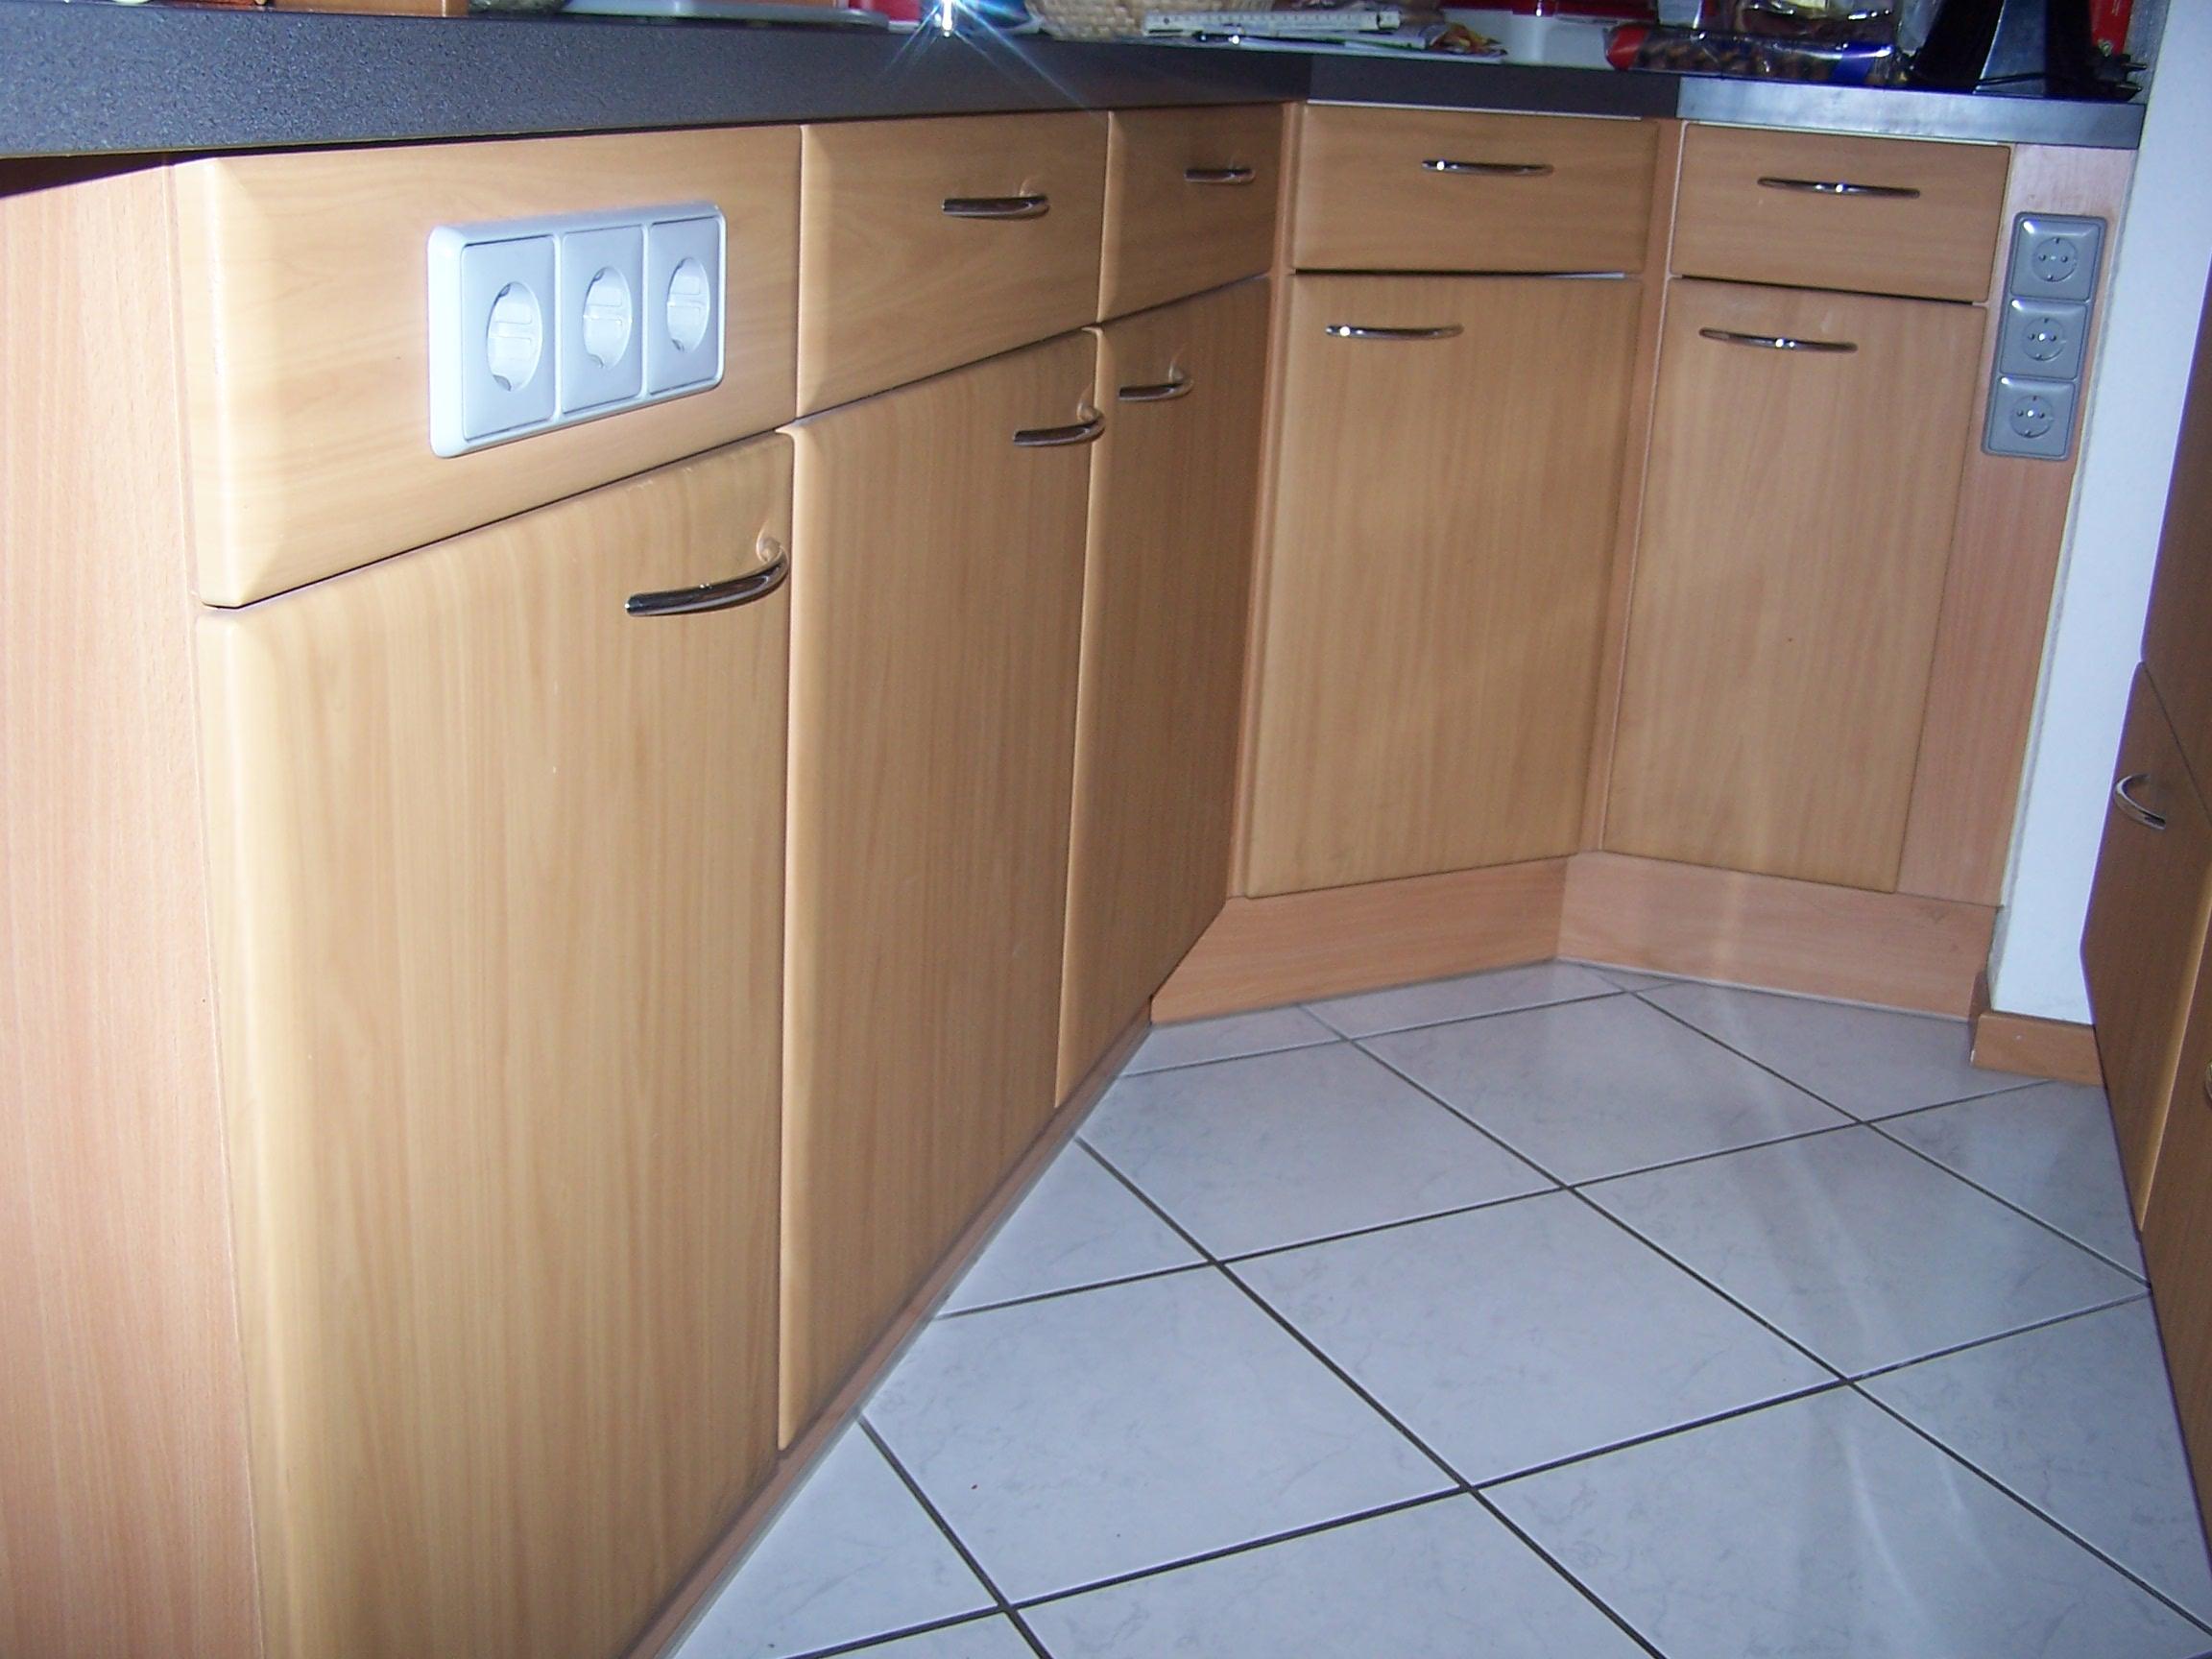 tausche erle gegen spiegelglanz - küchenfront 24